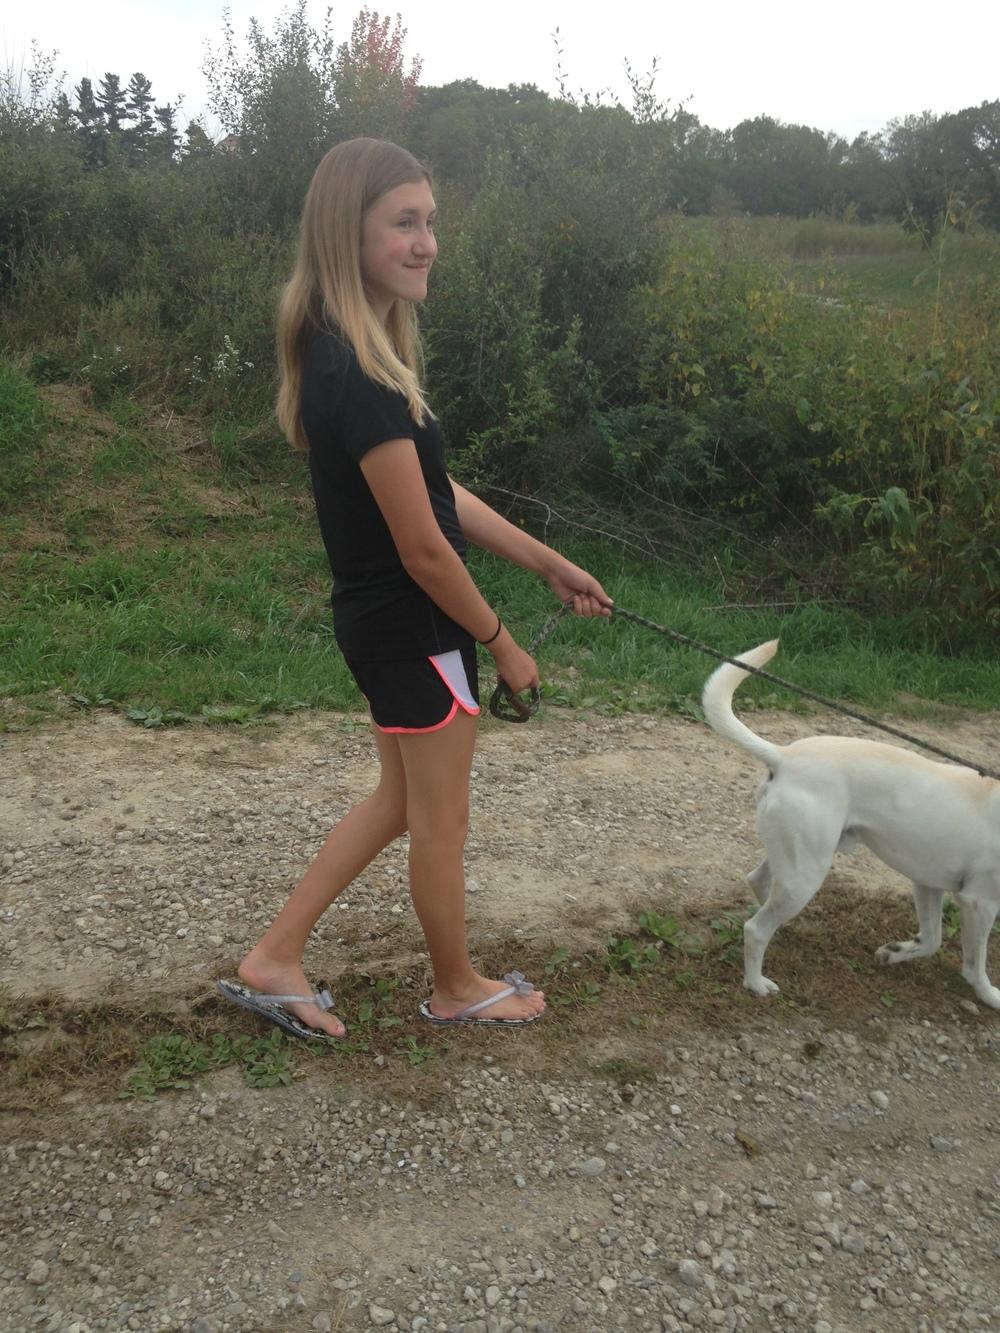 Ashlee-Walking-Willy.jpg